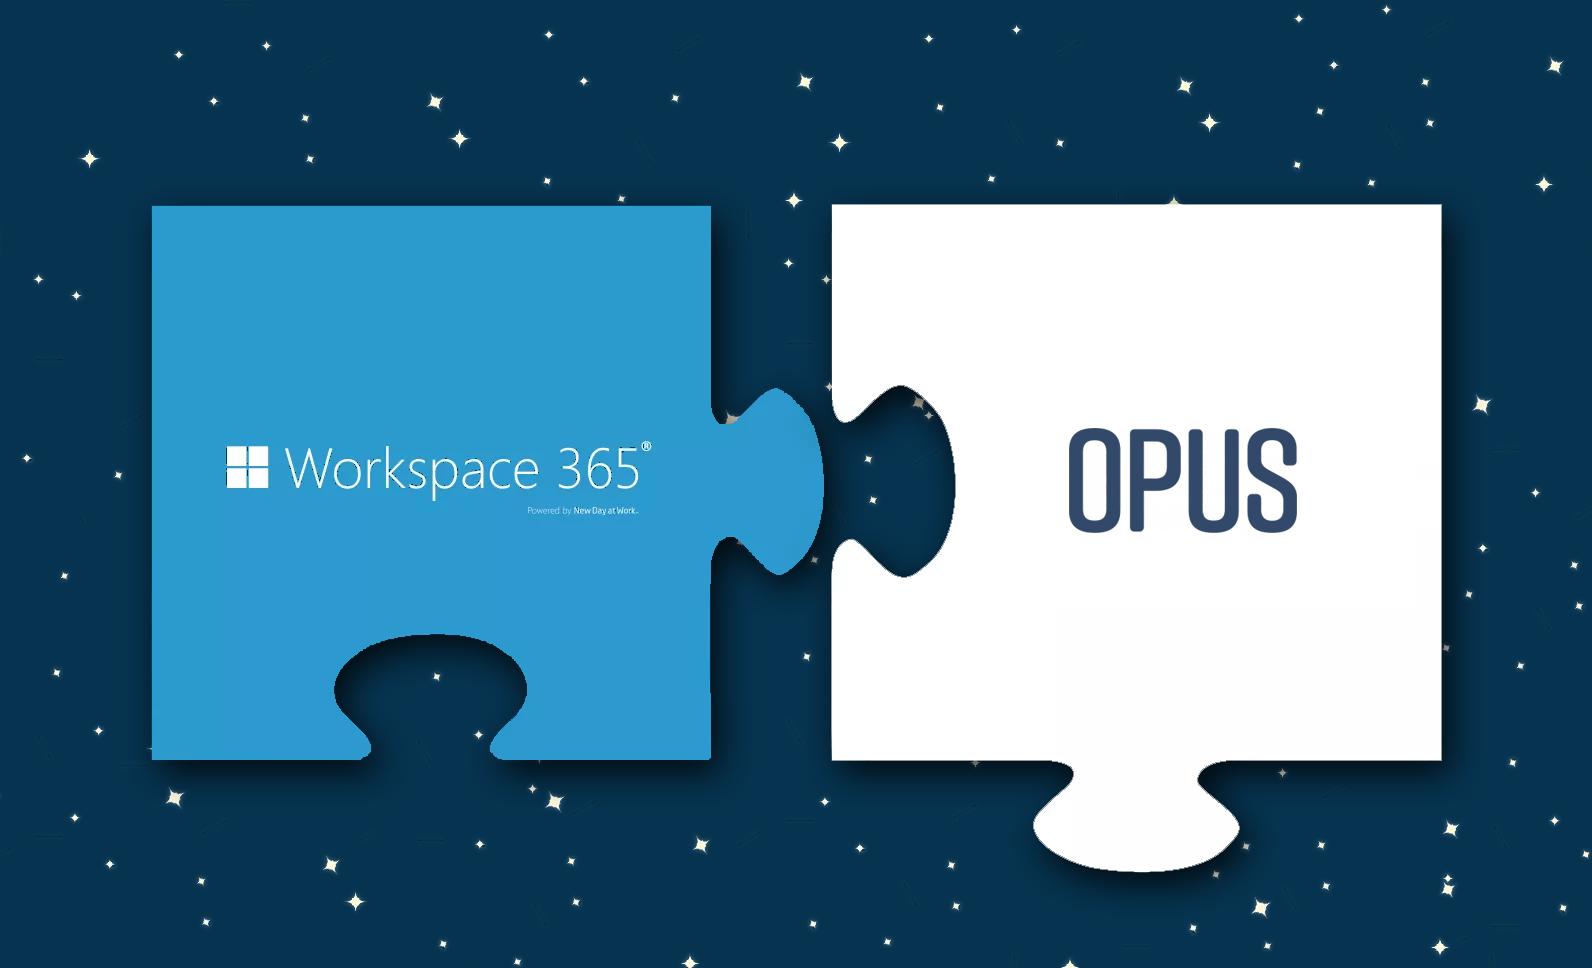 OPUS Workspace 365